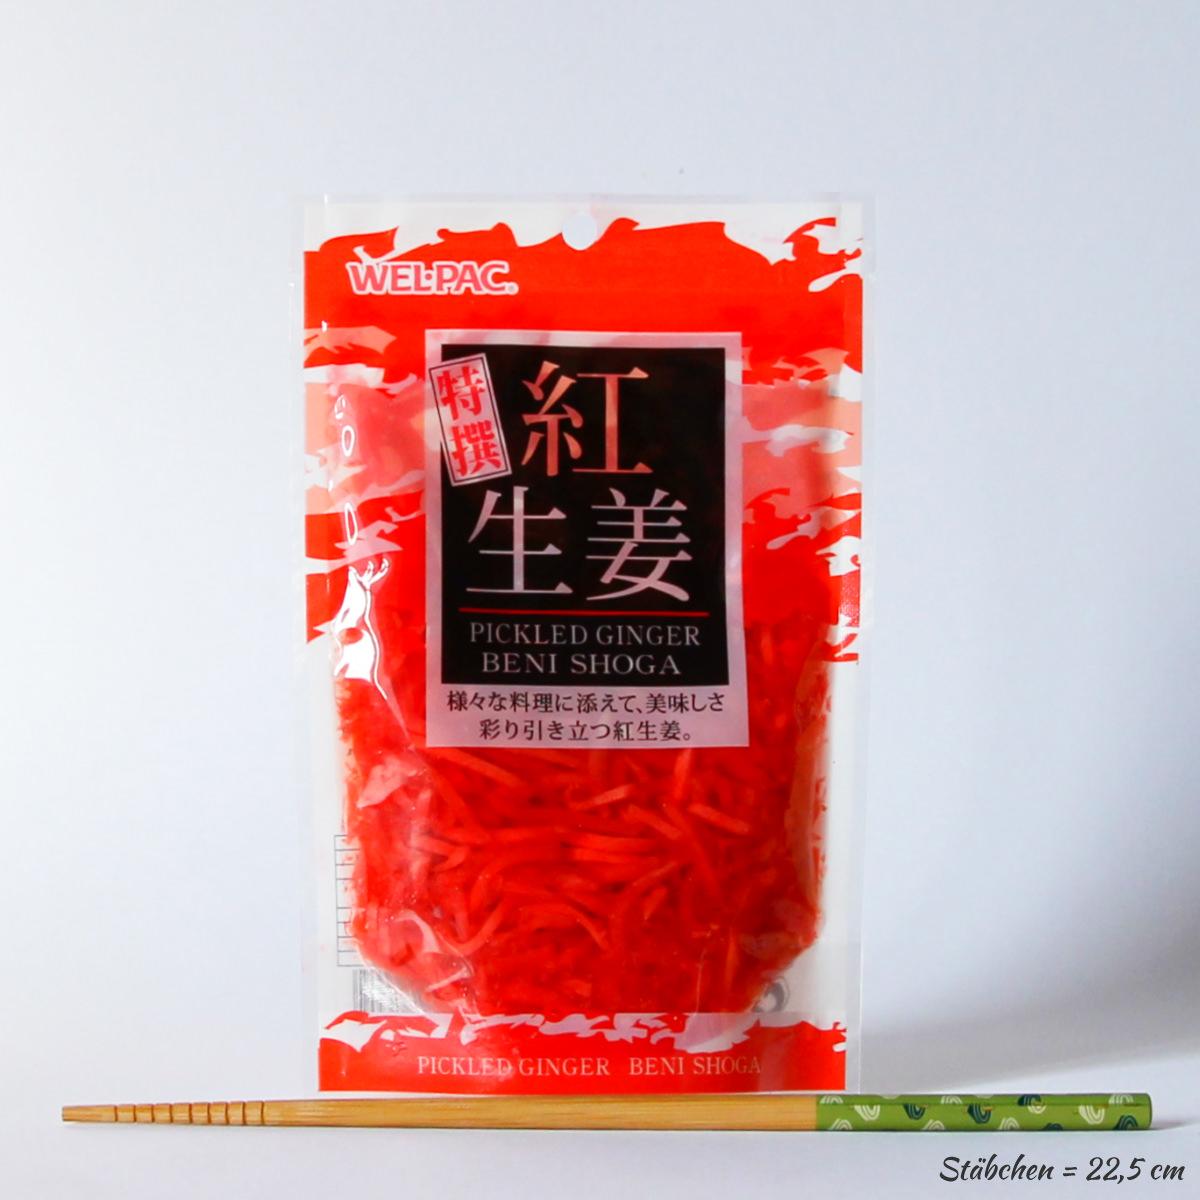 Beni Shoga 180g (eingelegter roter Ingwer), WEL-PAC